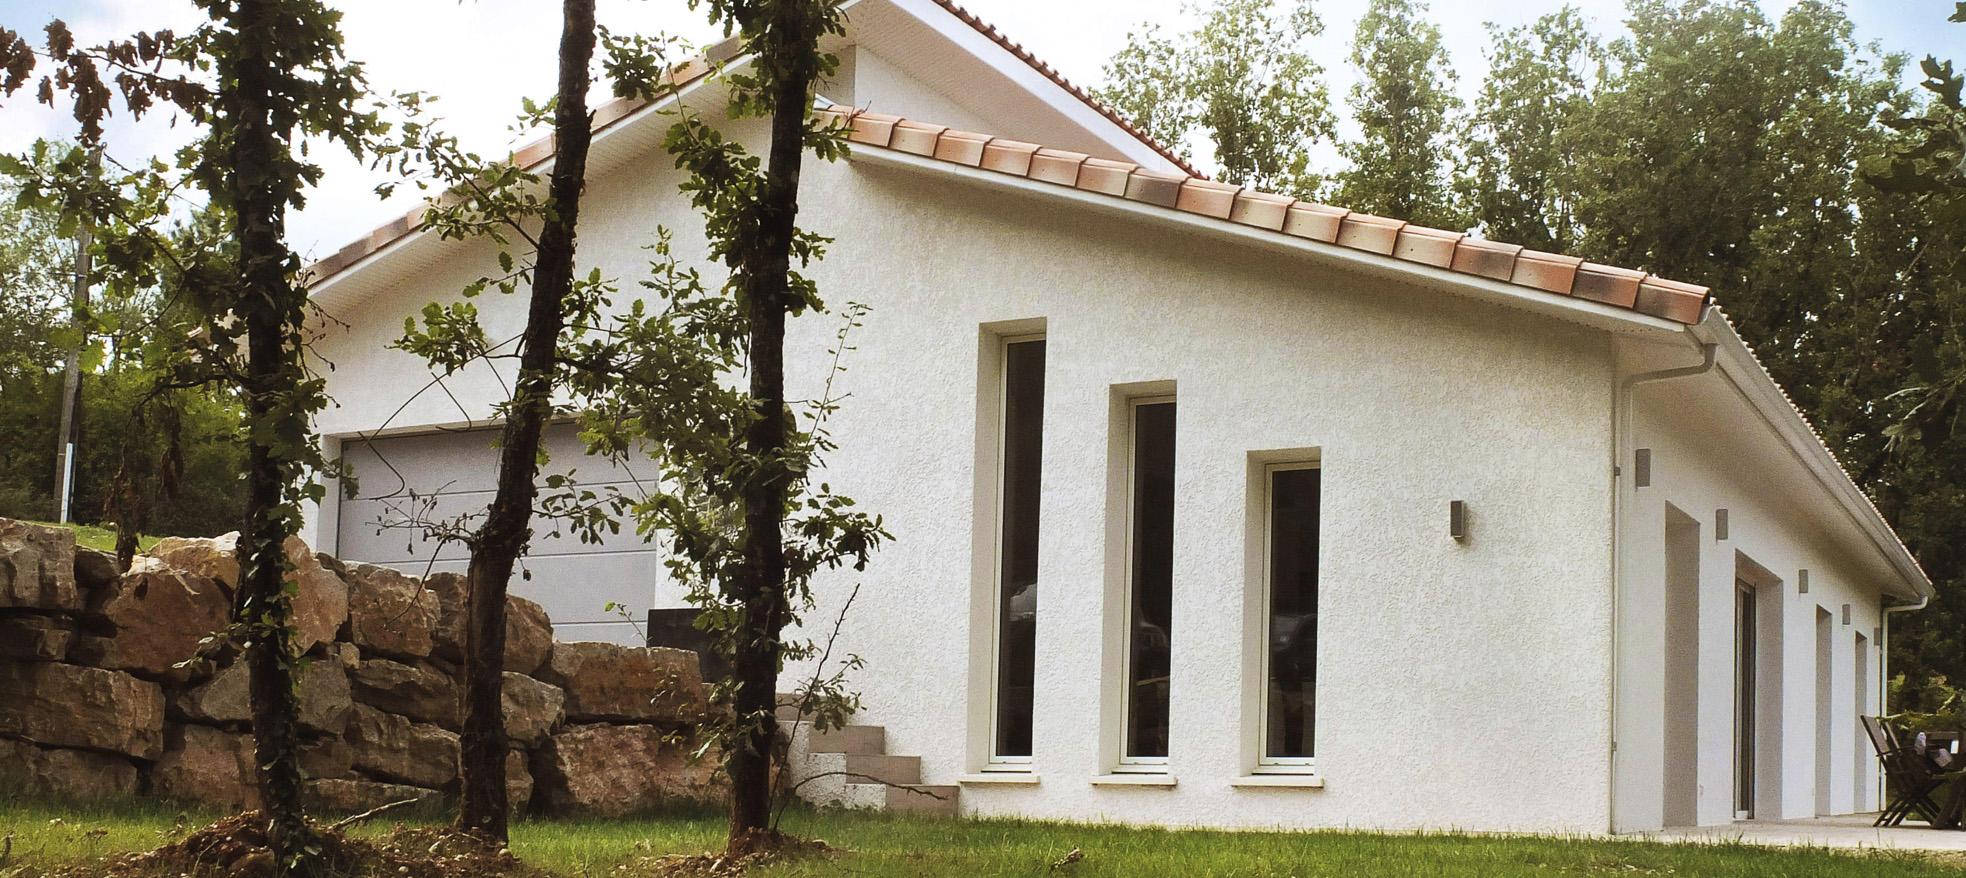 Cout construction maison maitre d oeuvre for Cout de construction maison individuelle